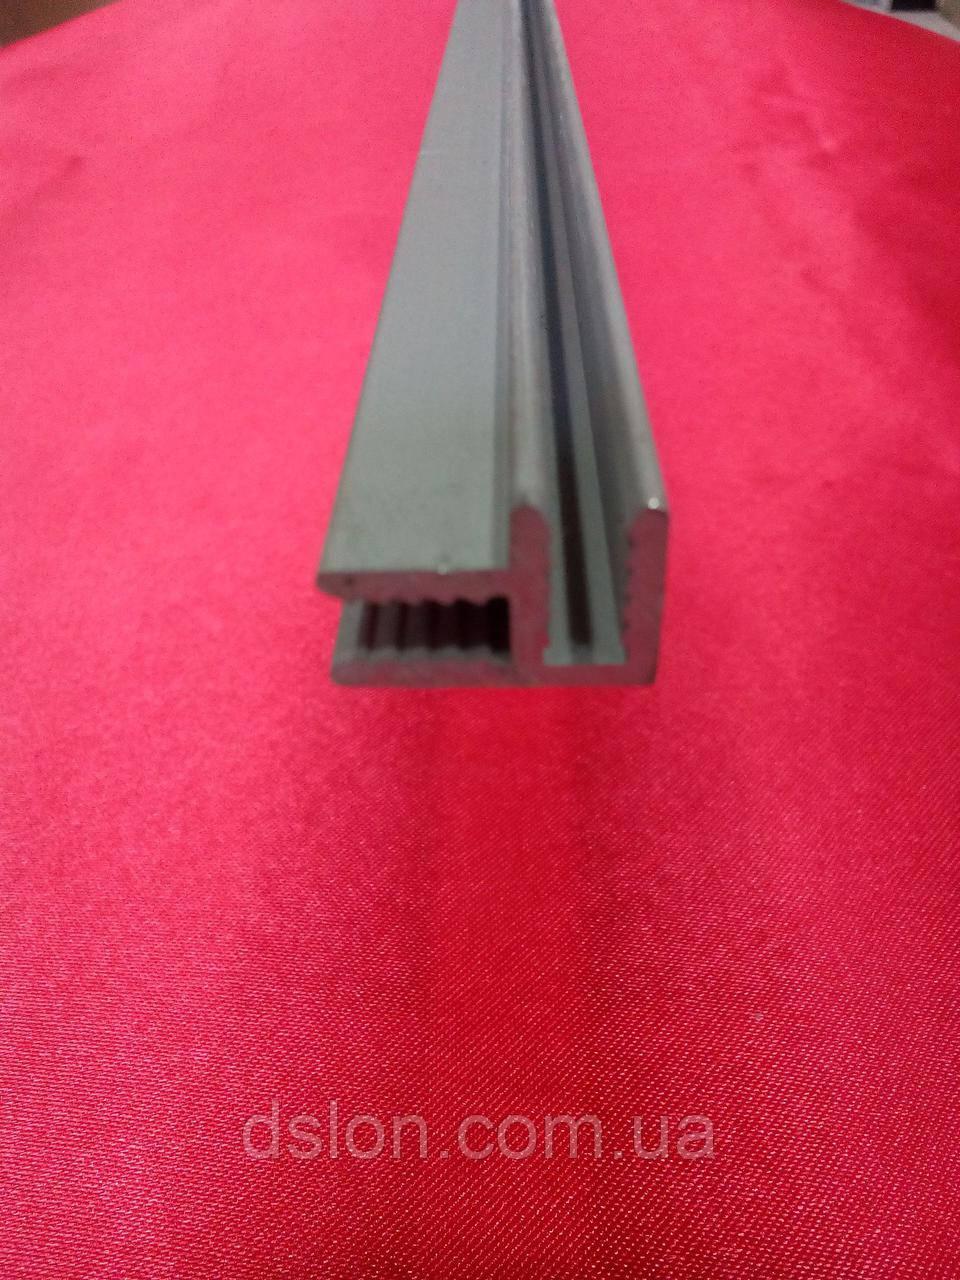 Профиль соединительный угловой анодированный ПС-88 10/16 под 3мм